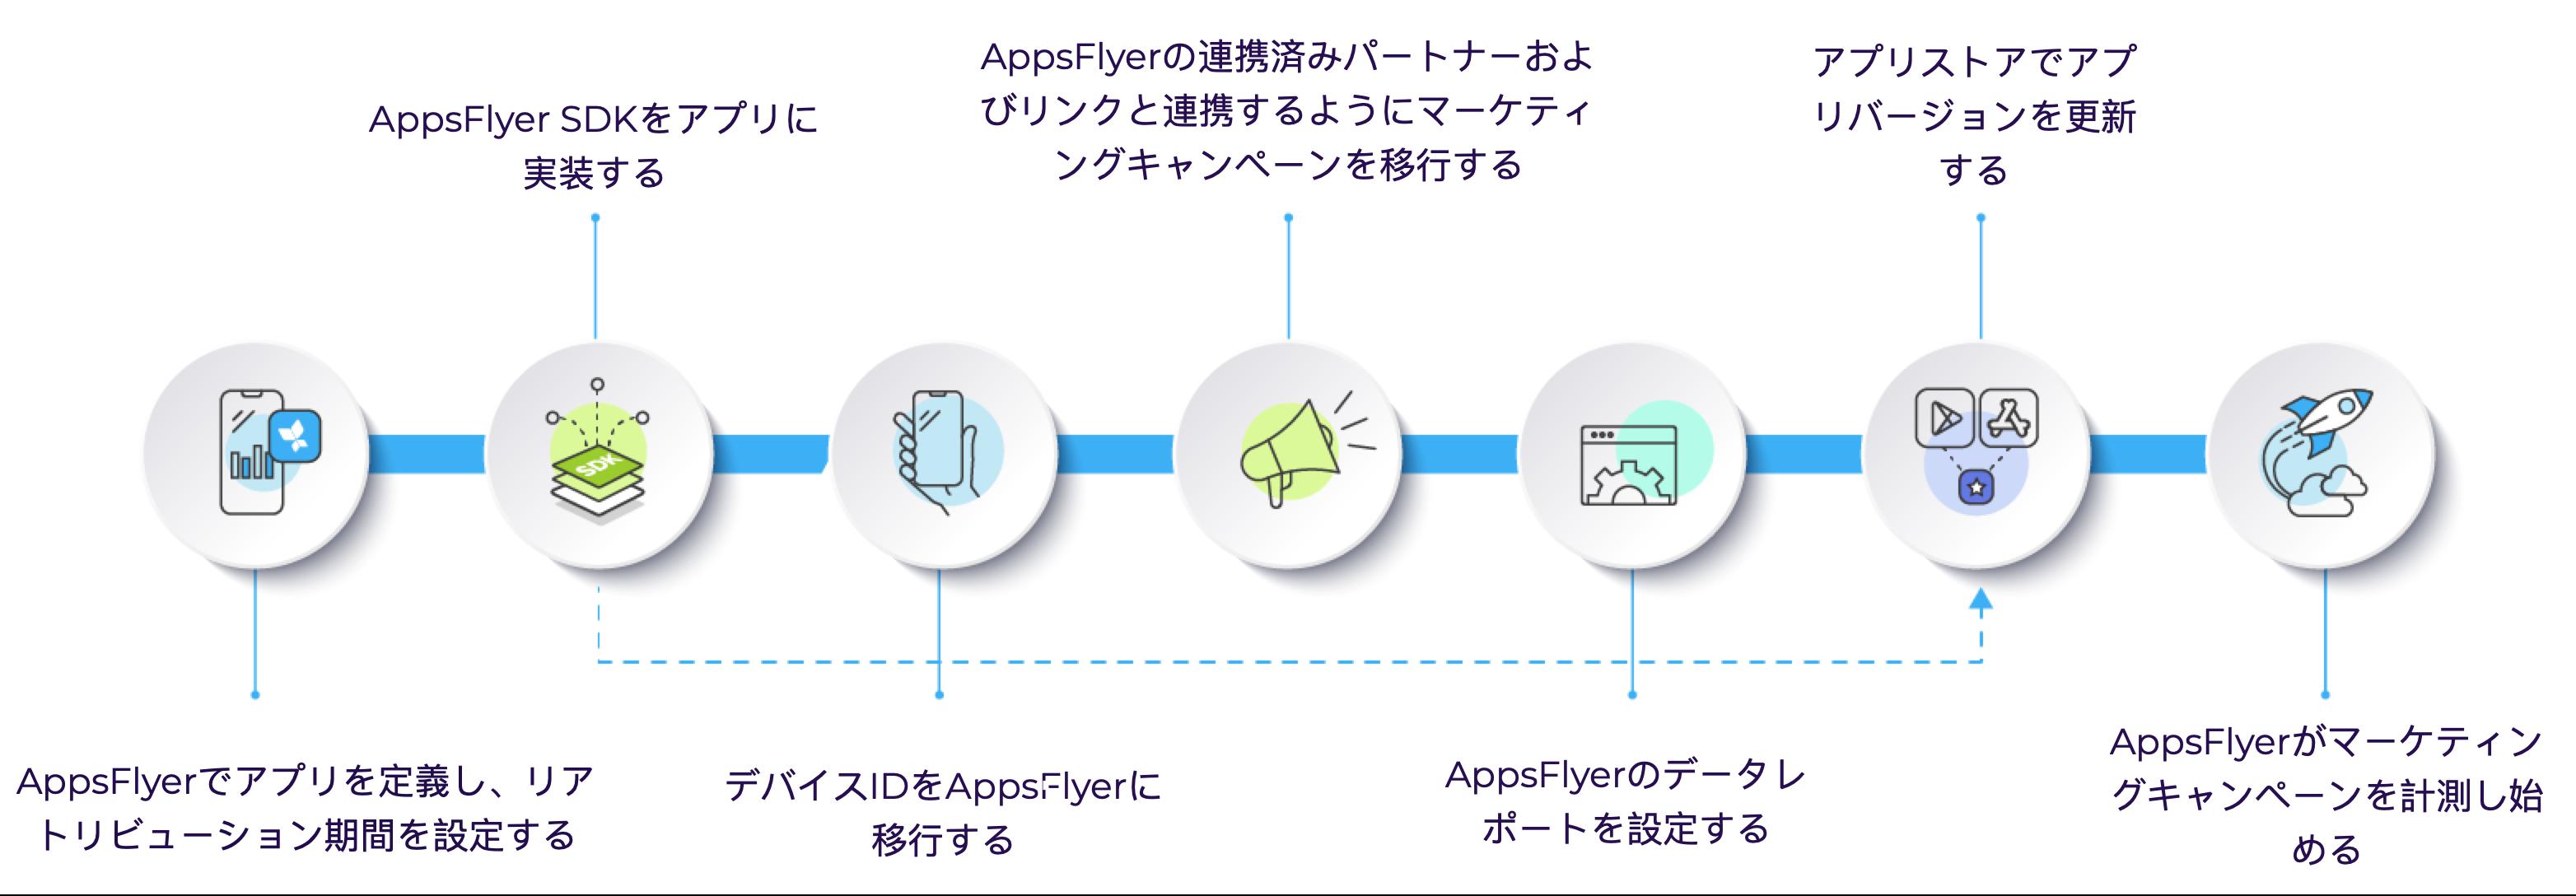 他社SDKからAppsFlyerへのデバイス移行